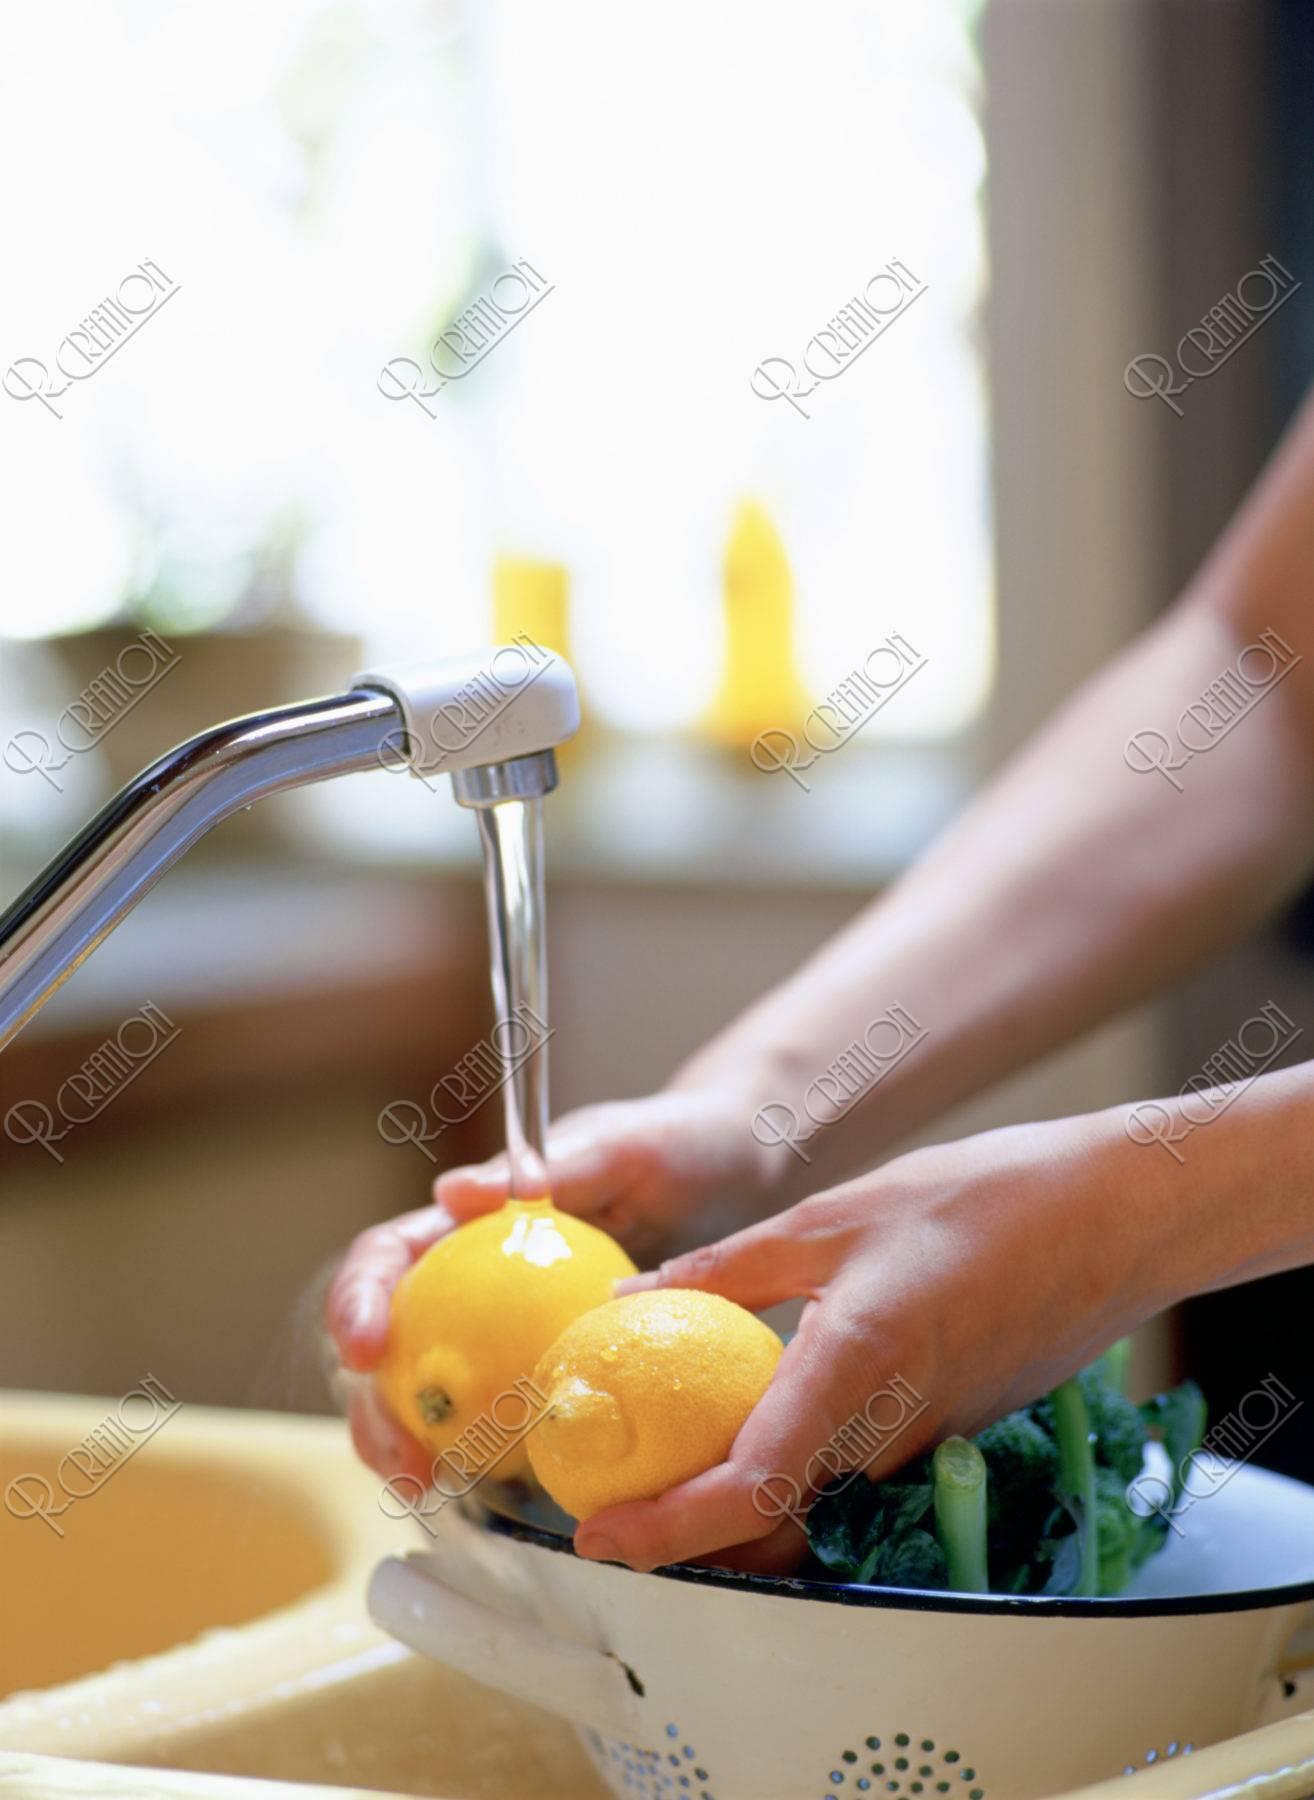 レモンを洗う手